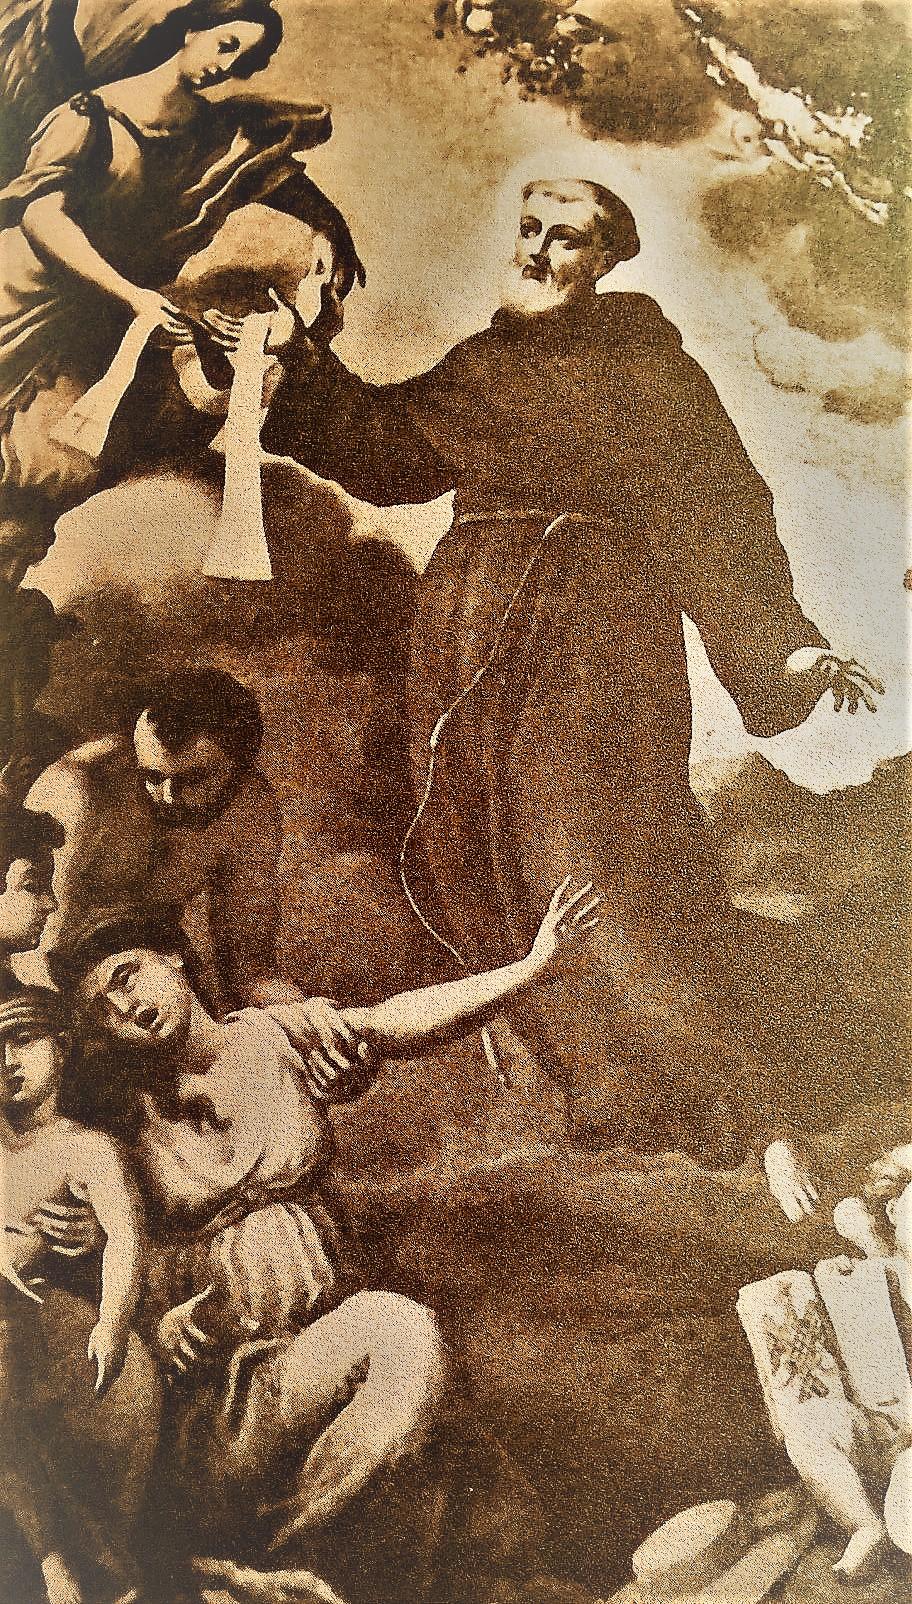 https://www.ragusanews.com//immagini_articoli/14-01-2017/1484404276-1-beato-andrea-conti-nipote-bonifacio-viii-culto-piglio-ragusa.jpg